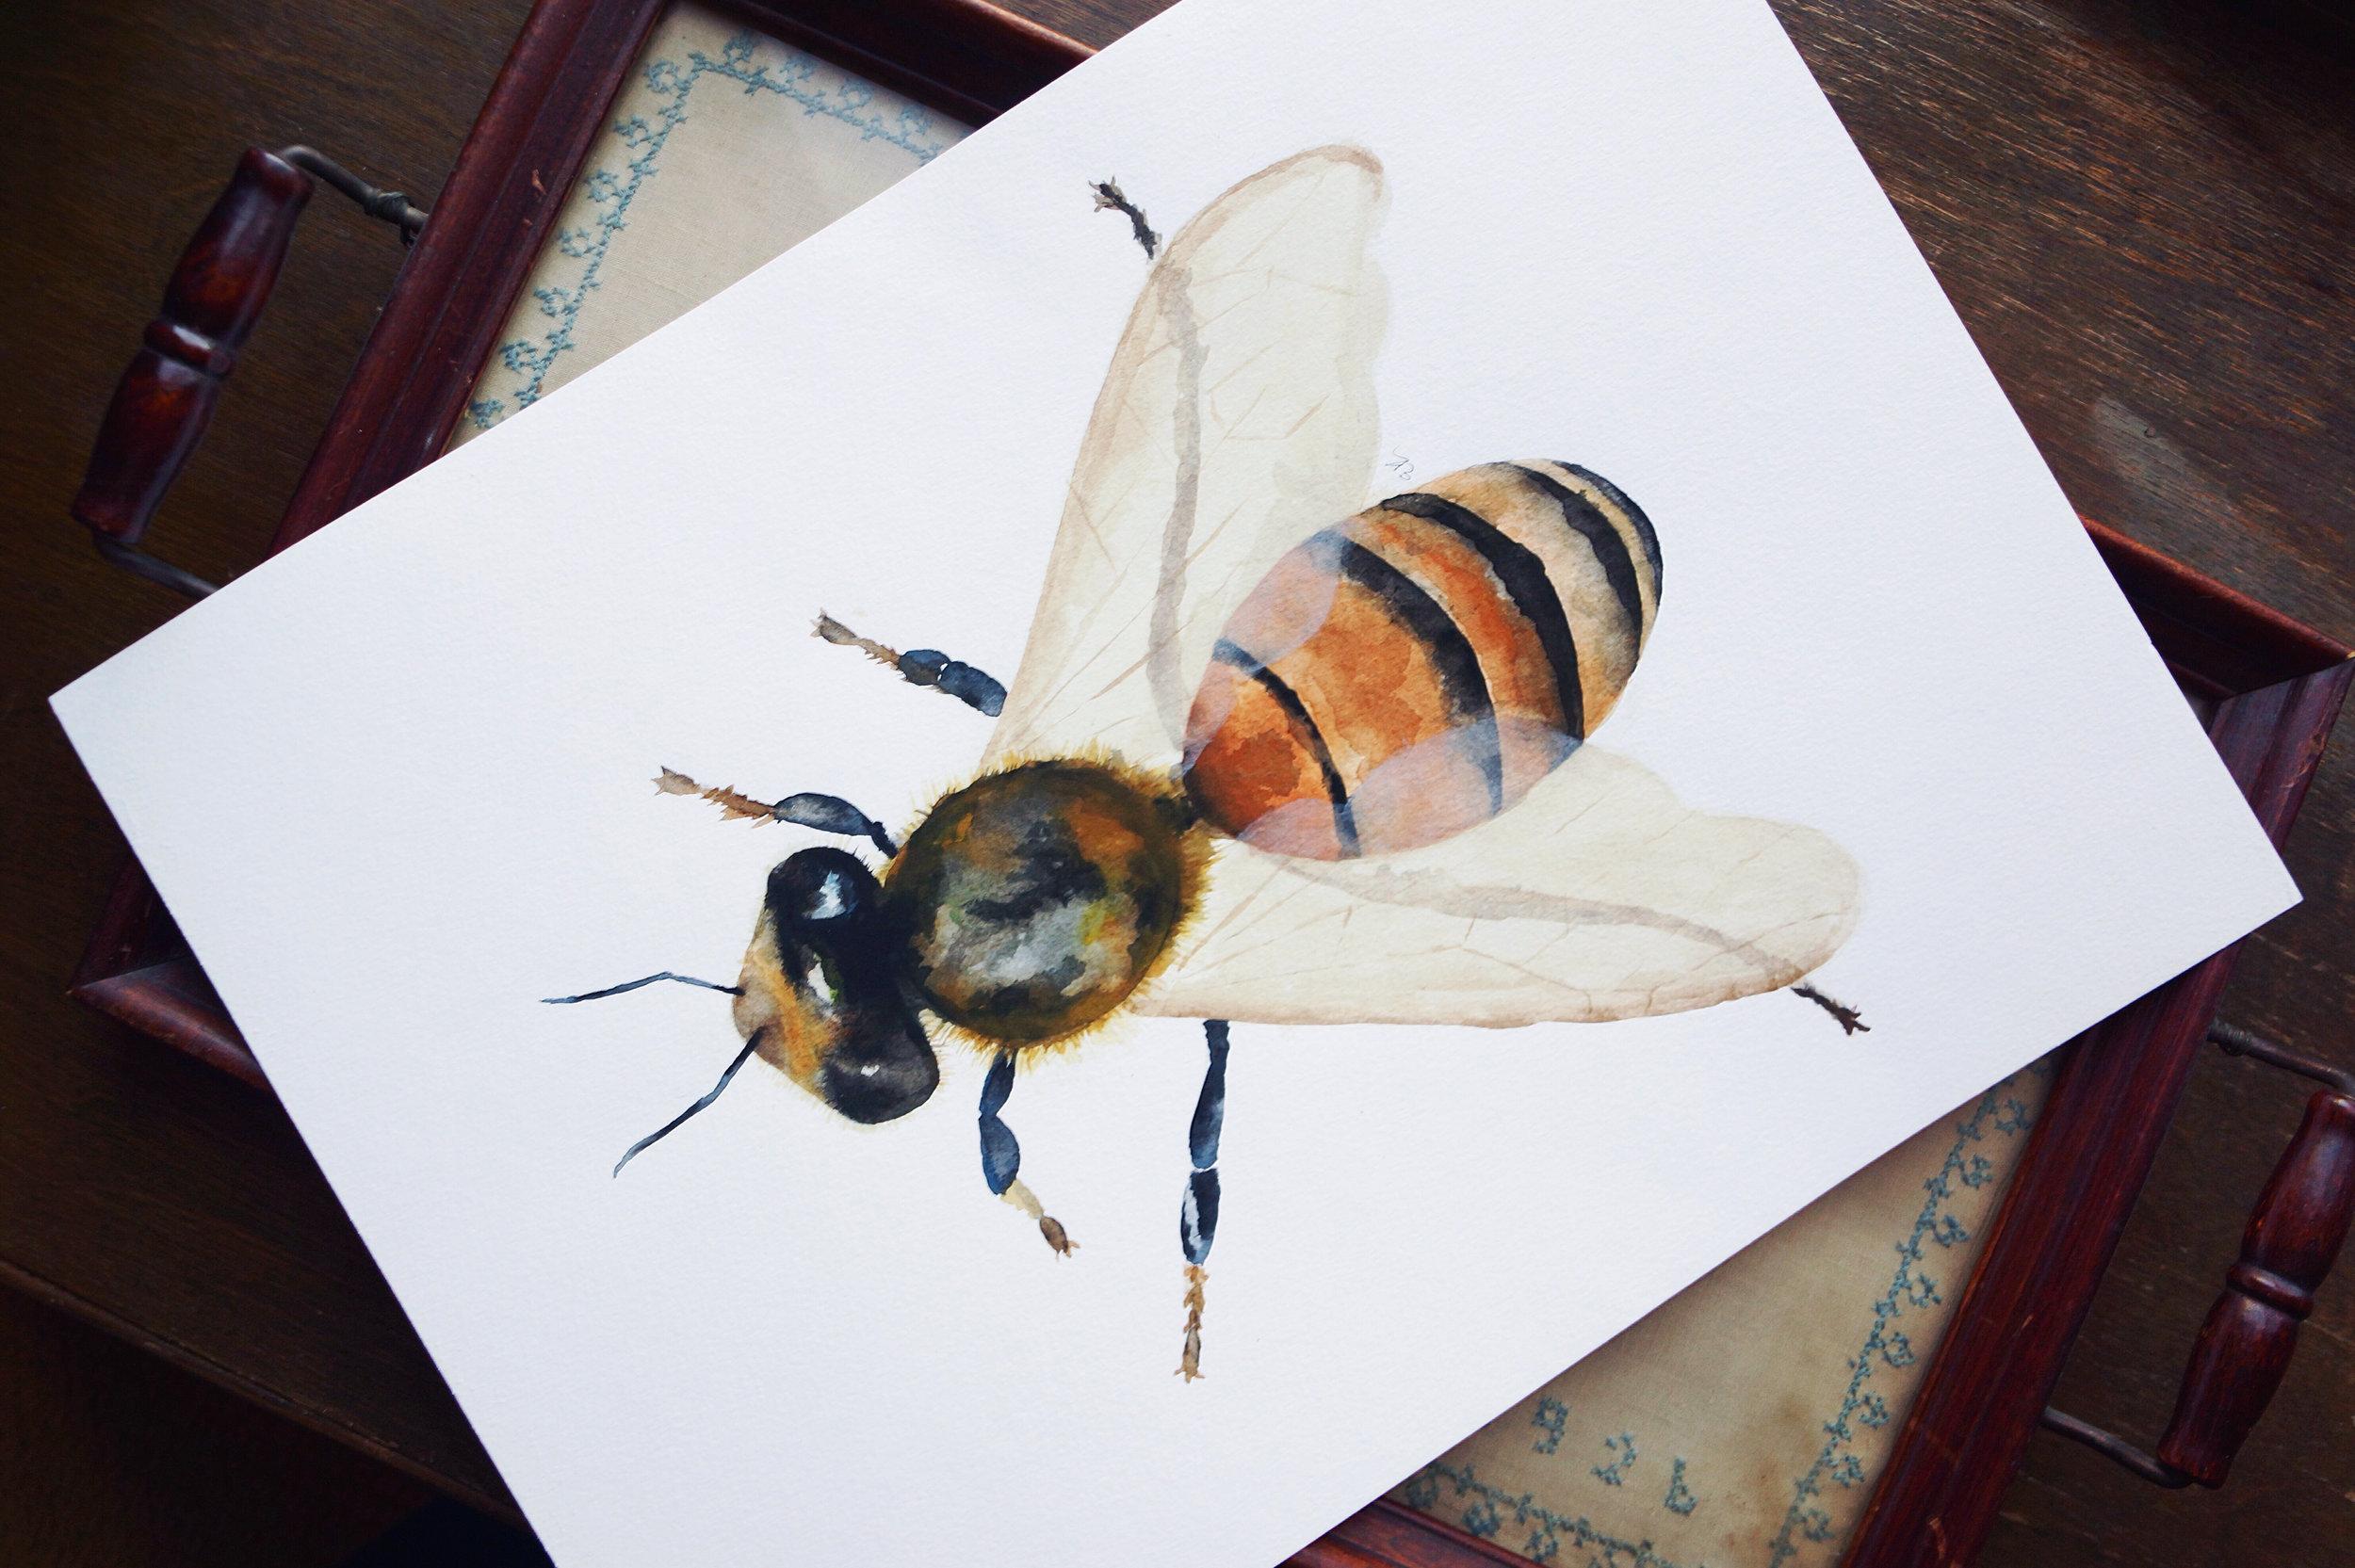 Honeybee_2.jpg